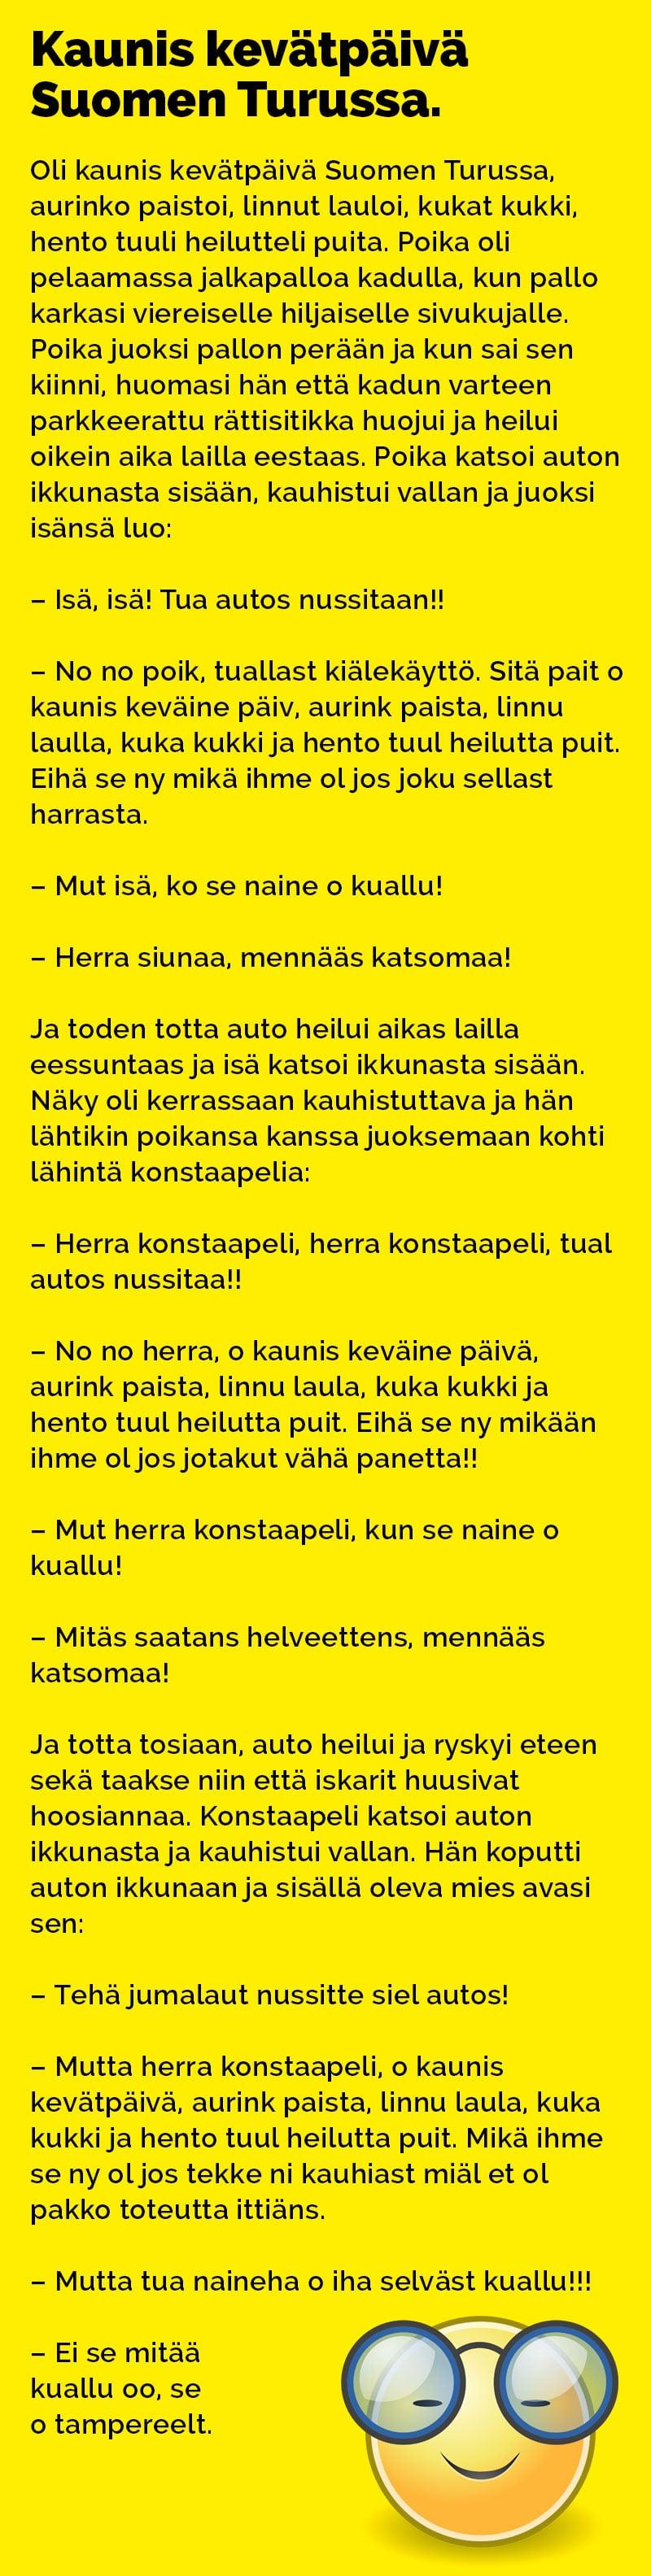 kaunis_kevatpaiva_suomen_turussa_2